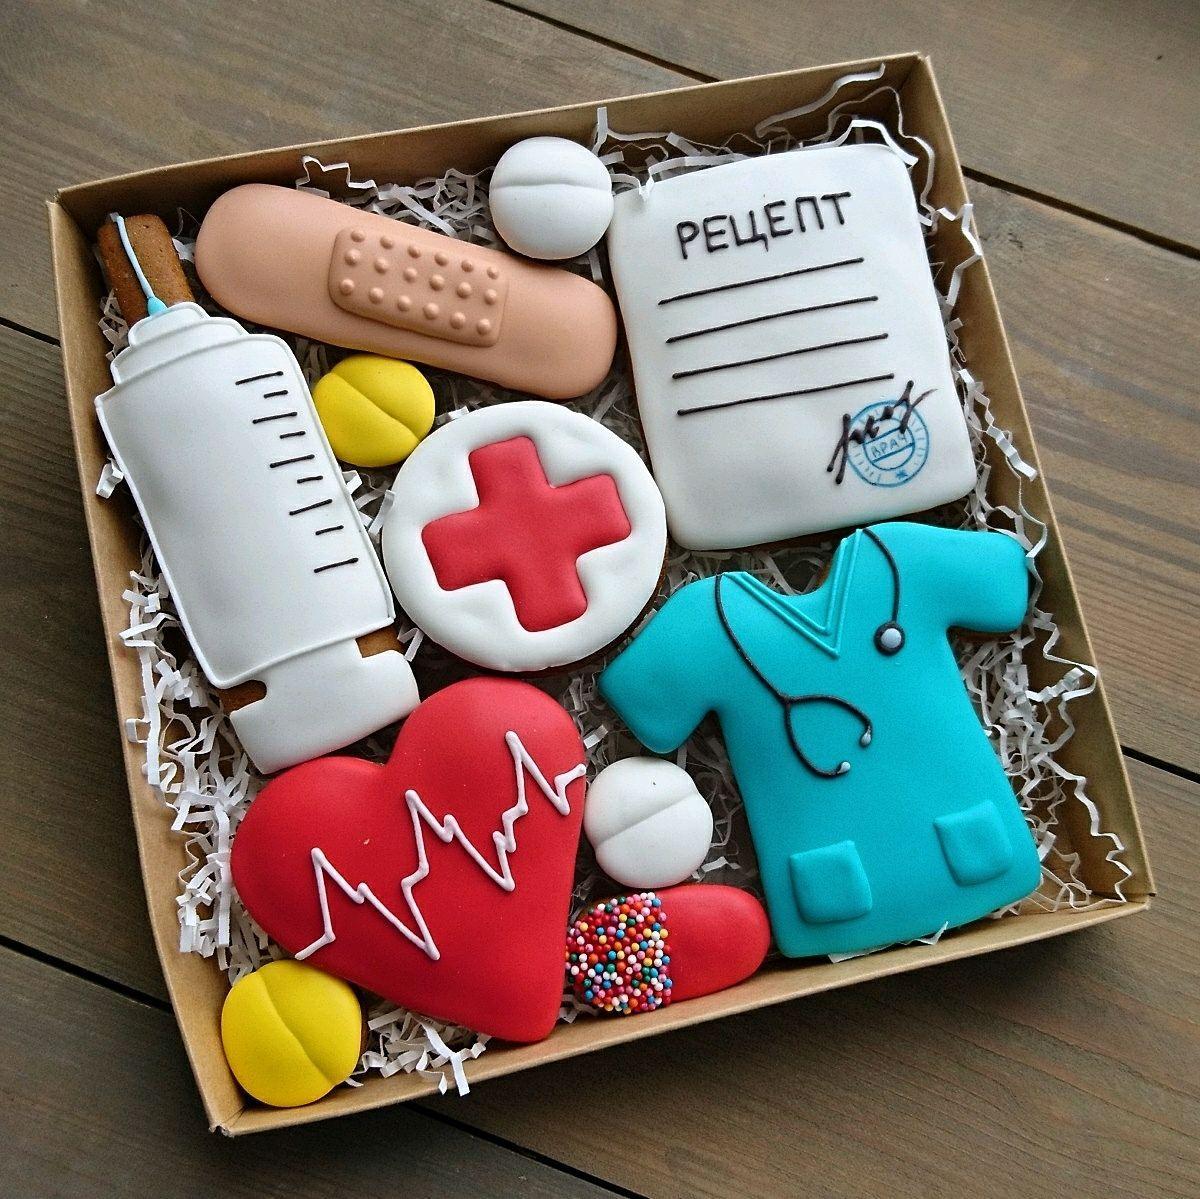 Пряники подарки медработникам. Пряники для врачей